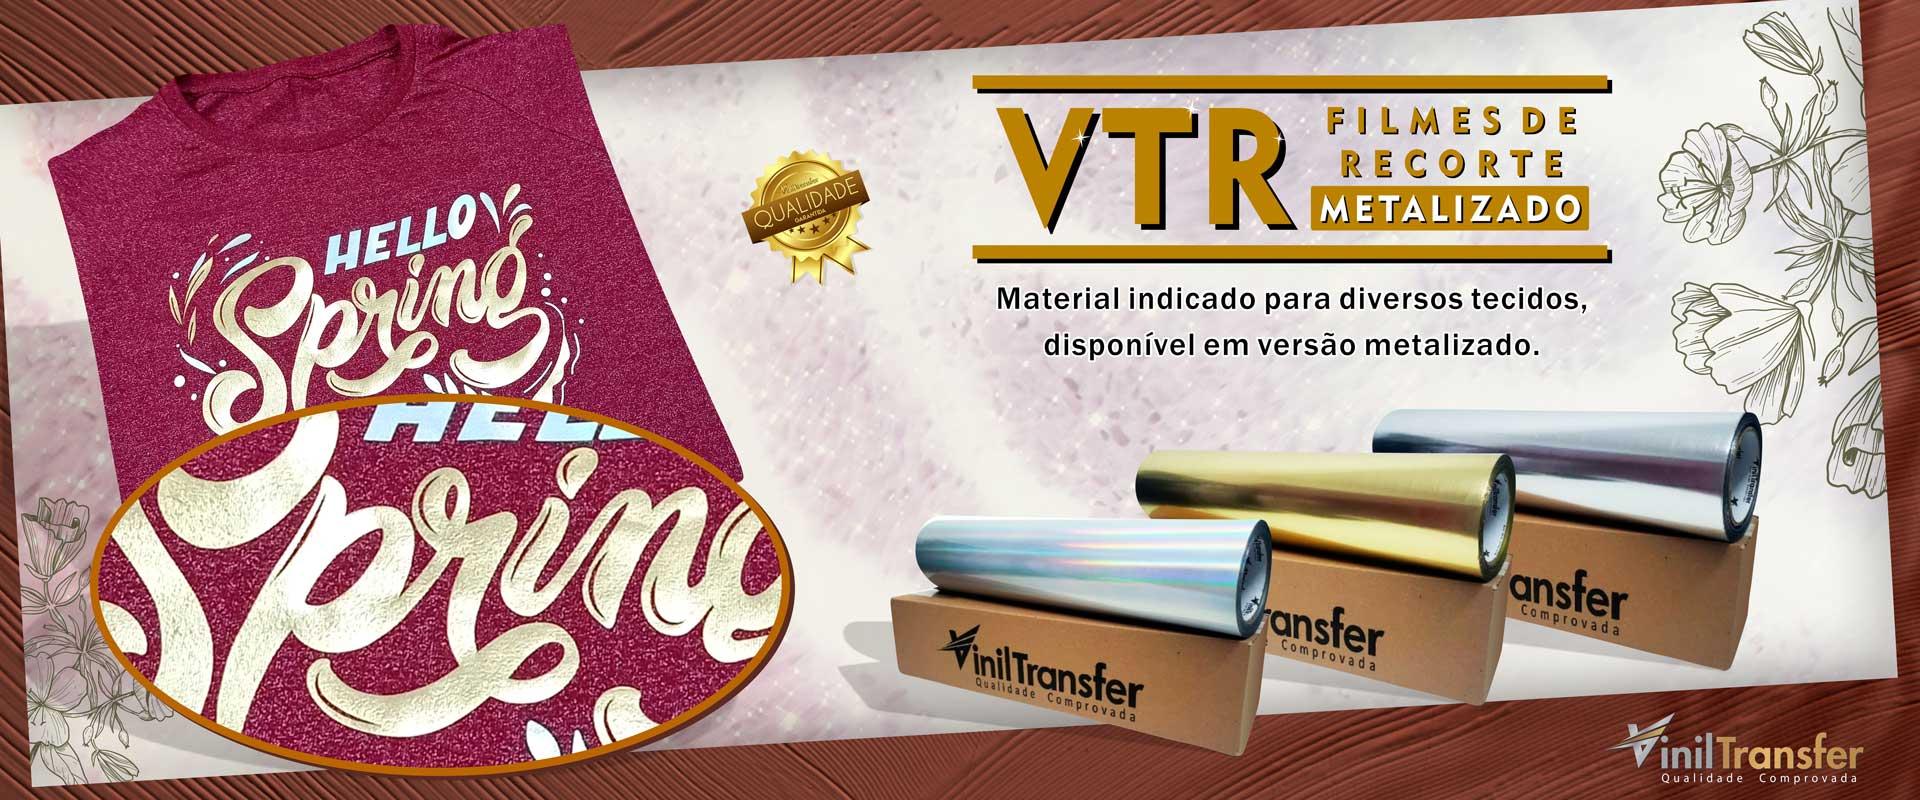 02---VTR-METALIZADO_web